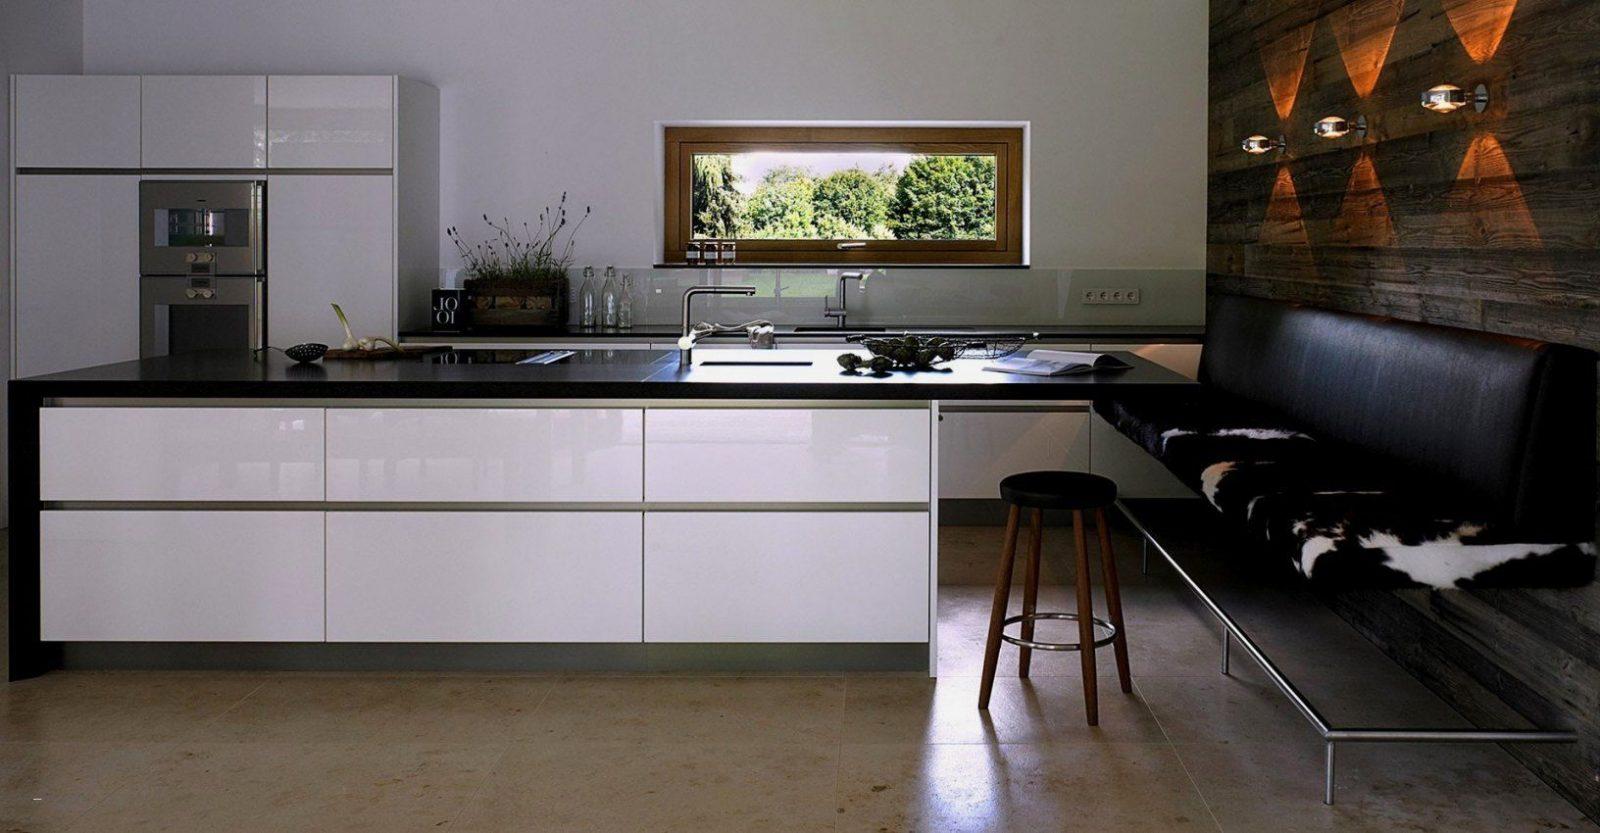 Küche Mit Essecke Einzigartig 35 Stilvoll Eckbank Küche Selber Bauen Von  Eckbank Küche Selber Bauen Photo